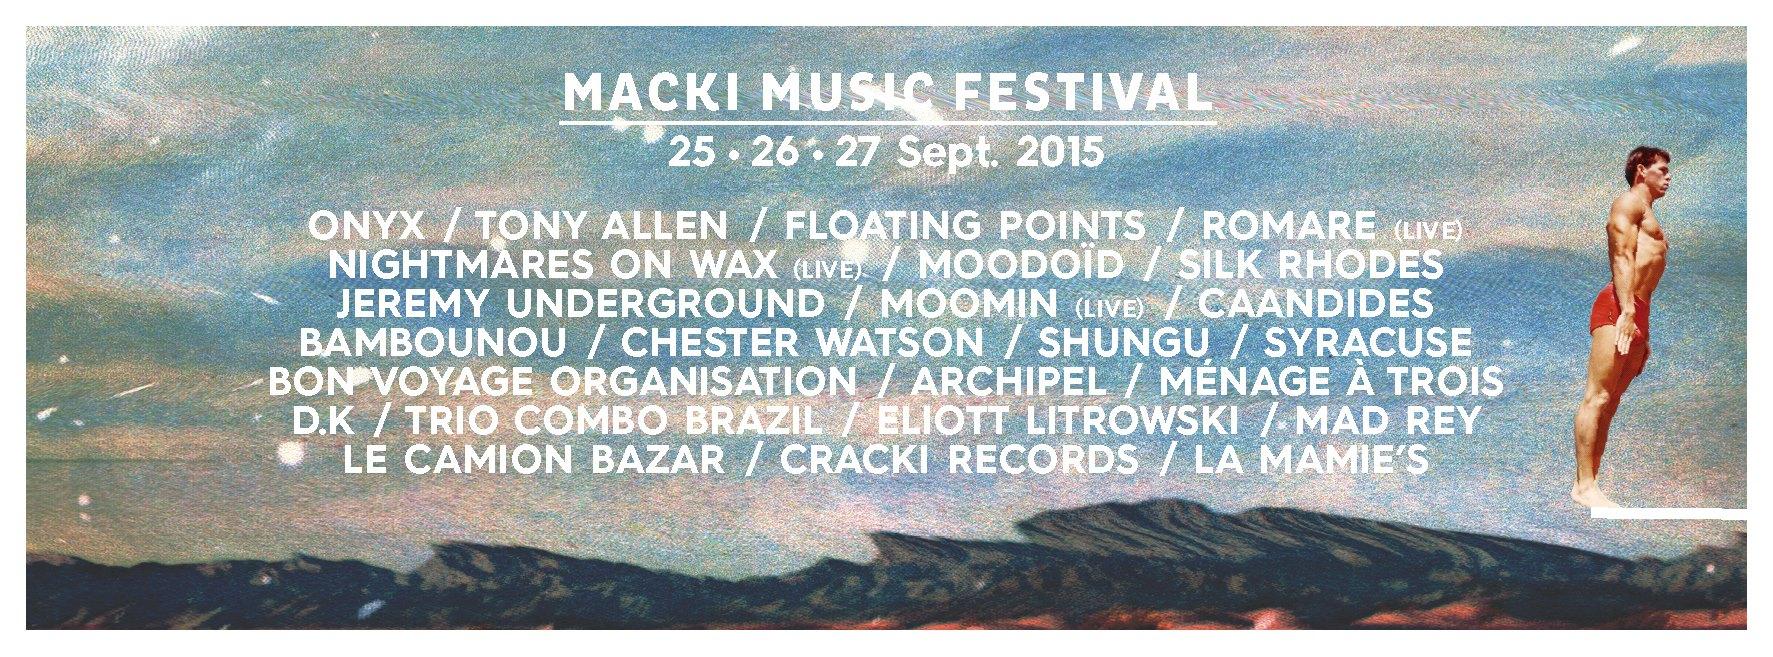 Gagnez vos places pour le Macki Music Festival !